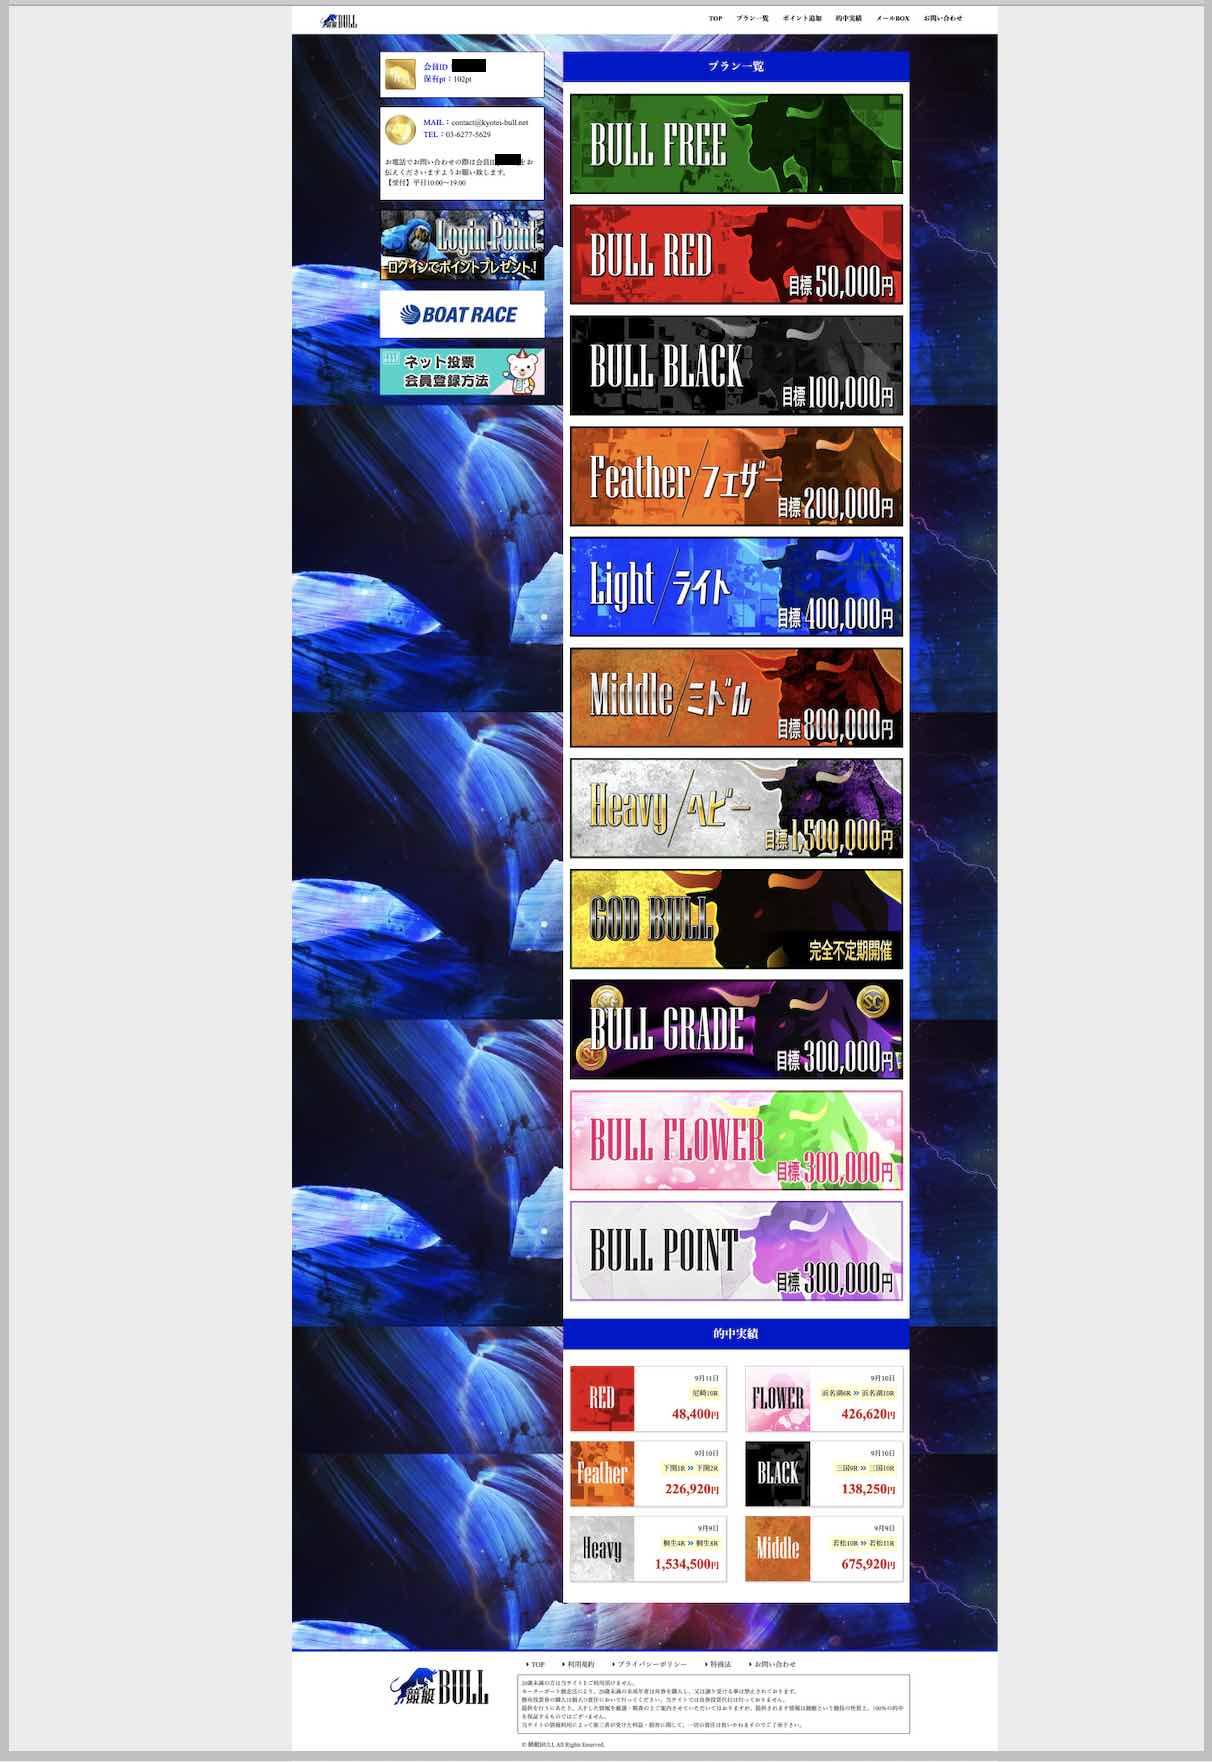 競艇BULL(競艇ブル)という競艇予想サイト(ボートレース予想サイト)の会員ページ